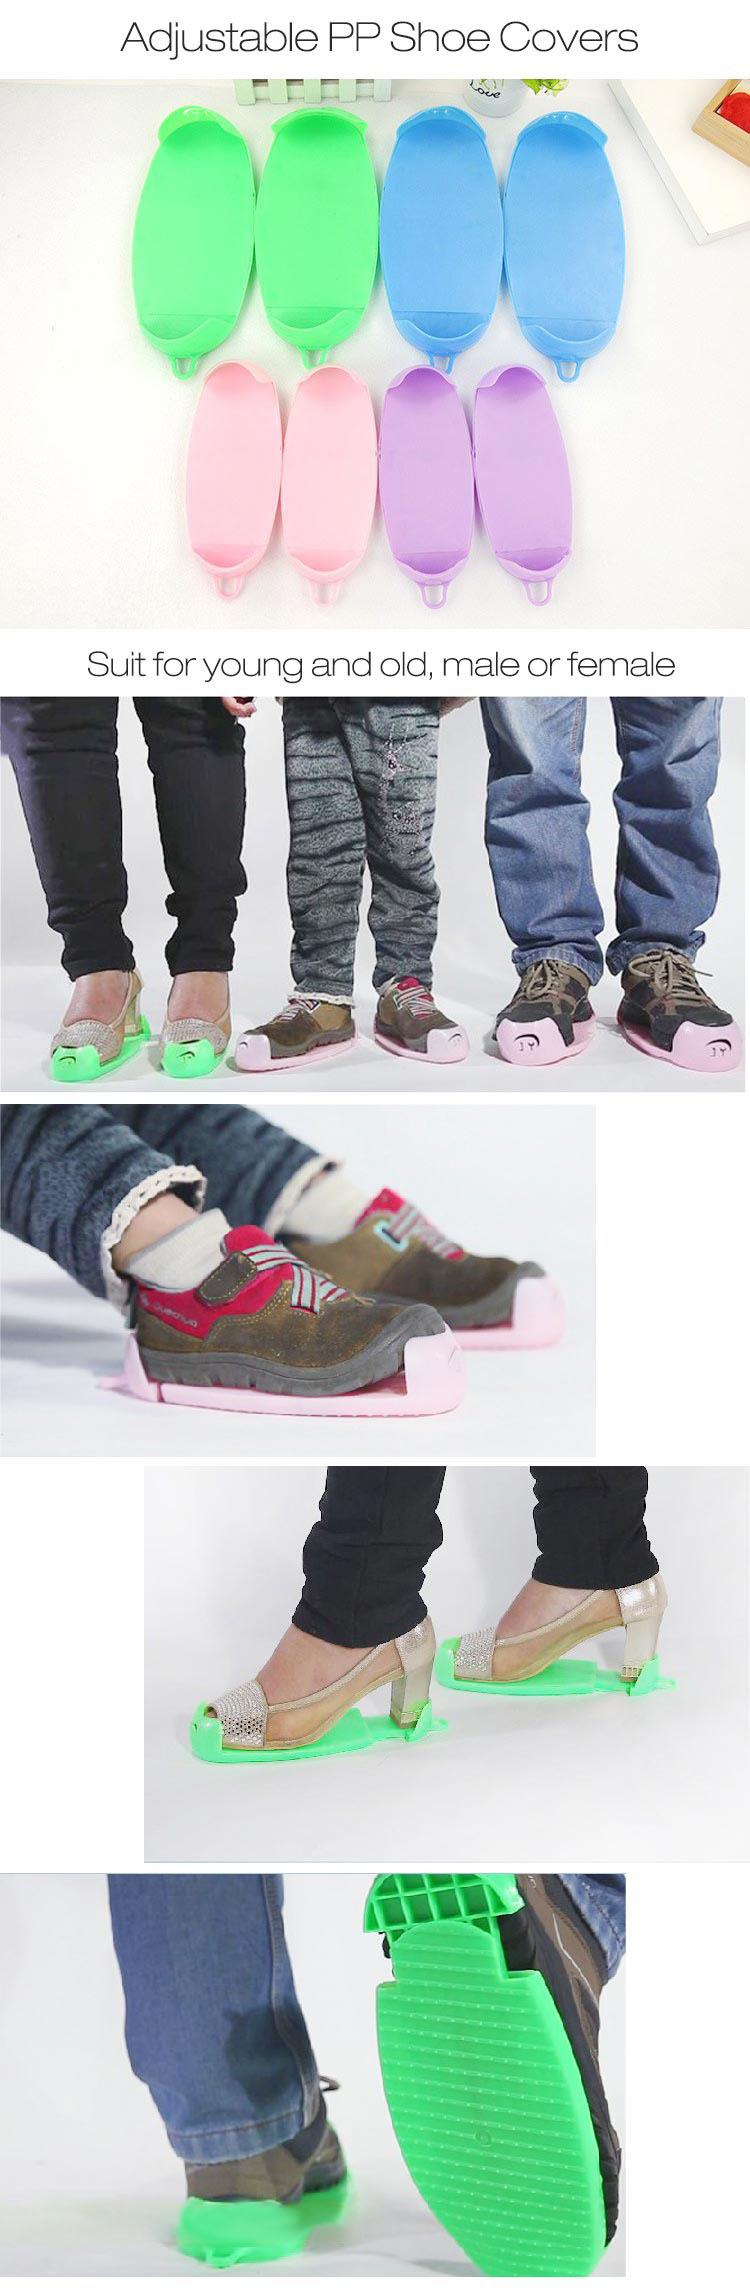 Honana HN-SC01 Регулируемые чехлы для обуви Прочные моющиеся чехлы для обуви с антискользящим покрытием - фото 1